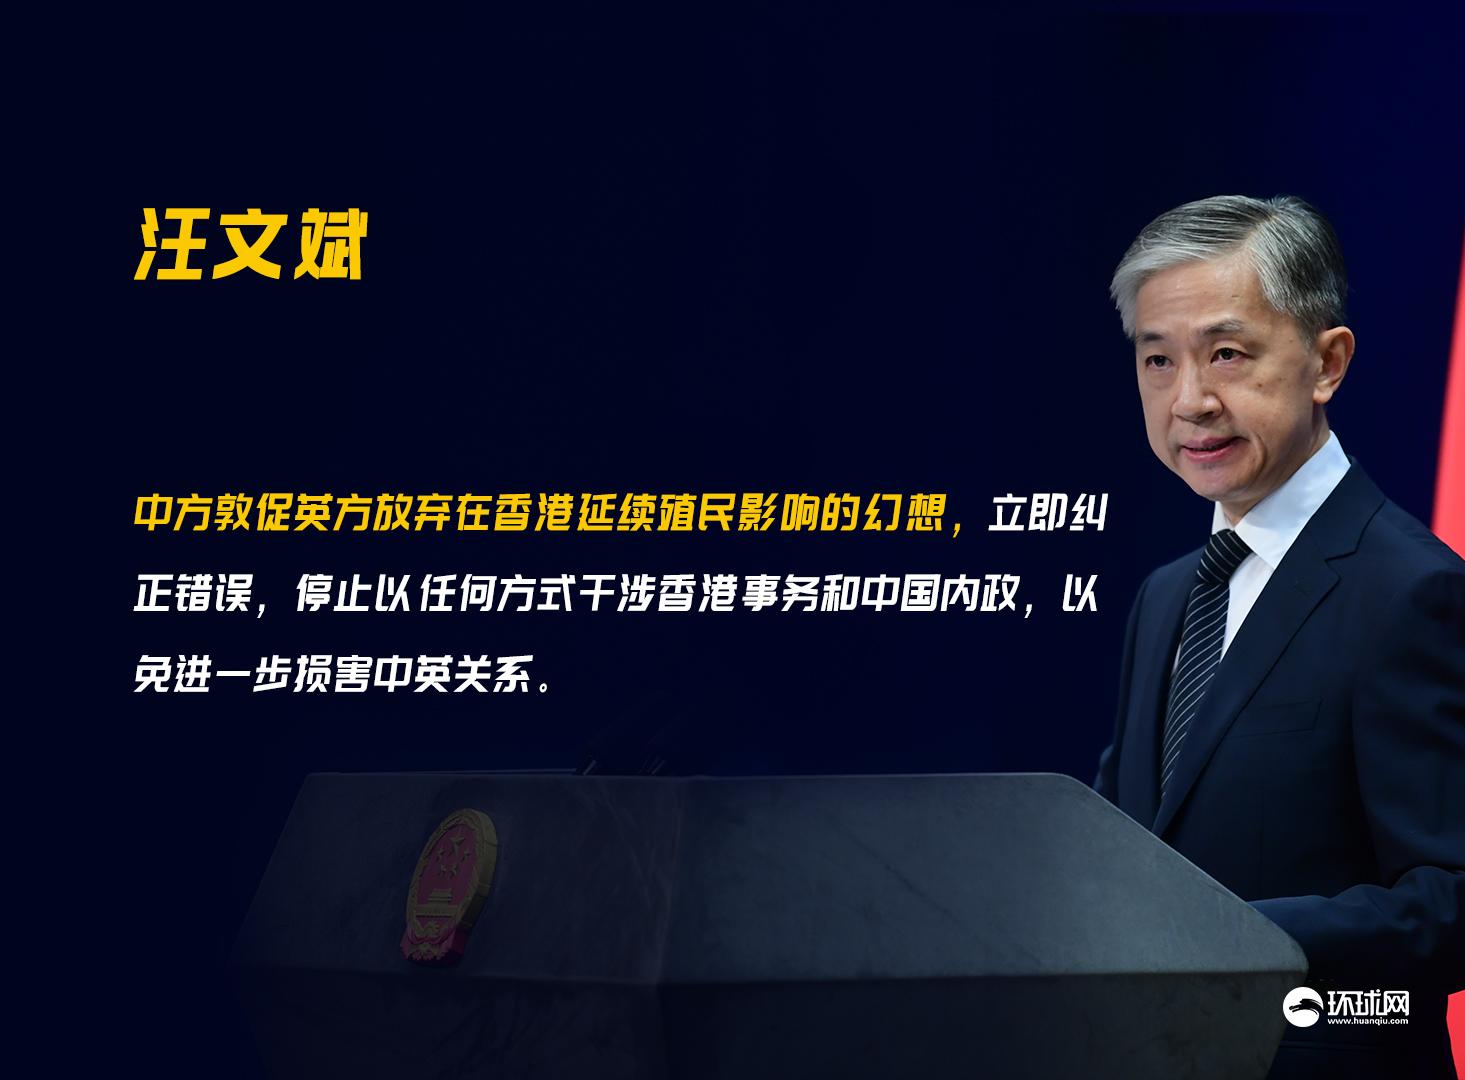 """dafa888扑克:外交部回应""""英国暂停与香港间引渡条约"""":敦促英方放弃在香港延续殖民影响的理想 第1张"""